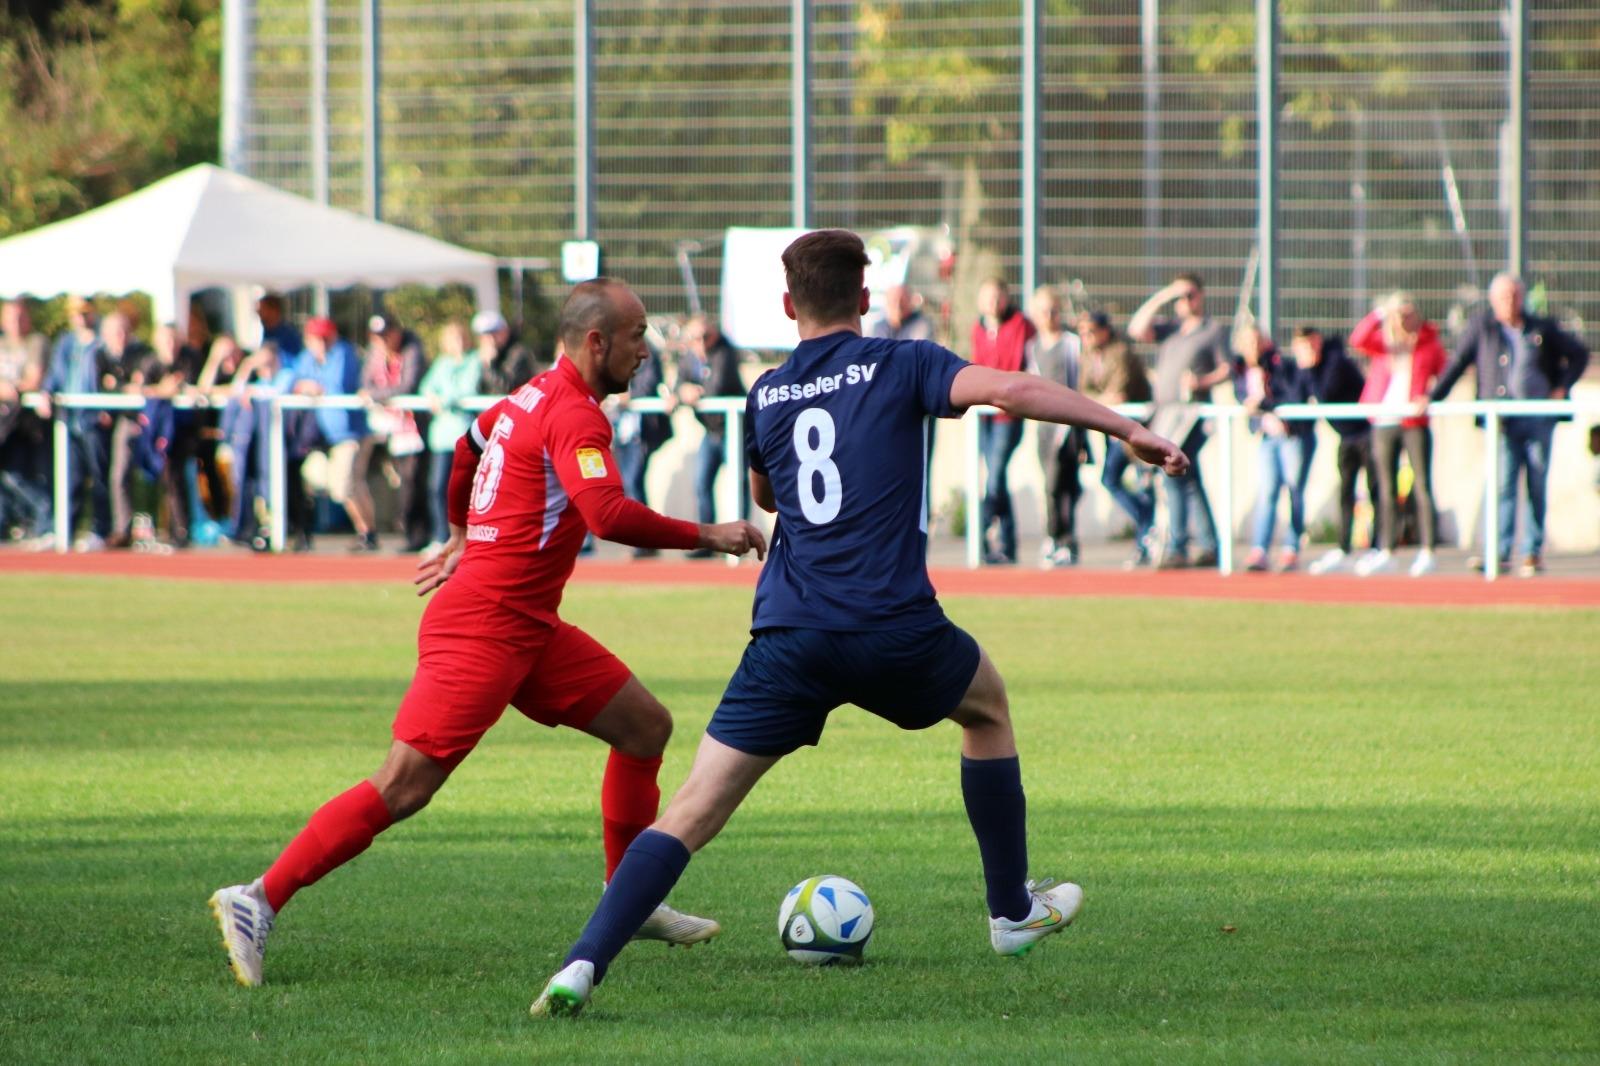 Kasseler SV, KSV Hessen Kassel, Sergej Evljuskin